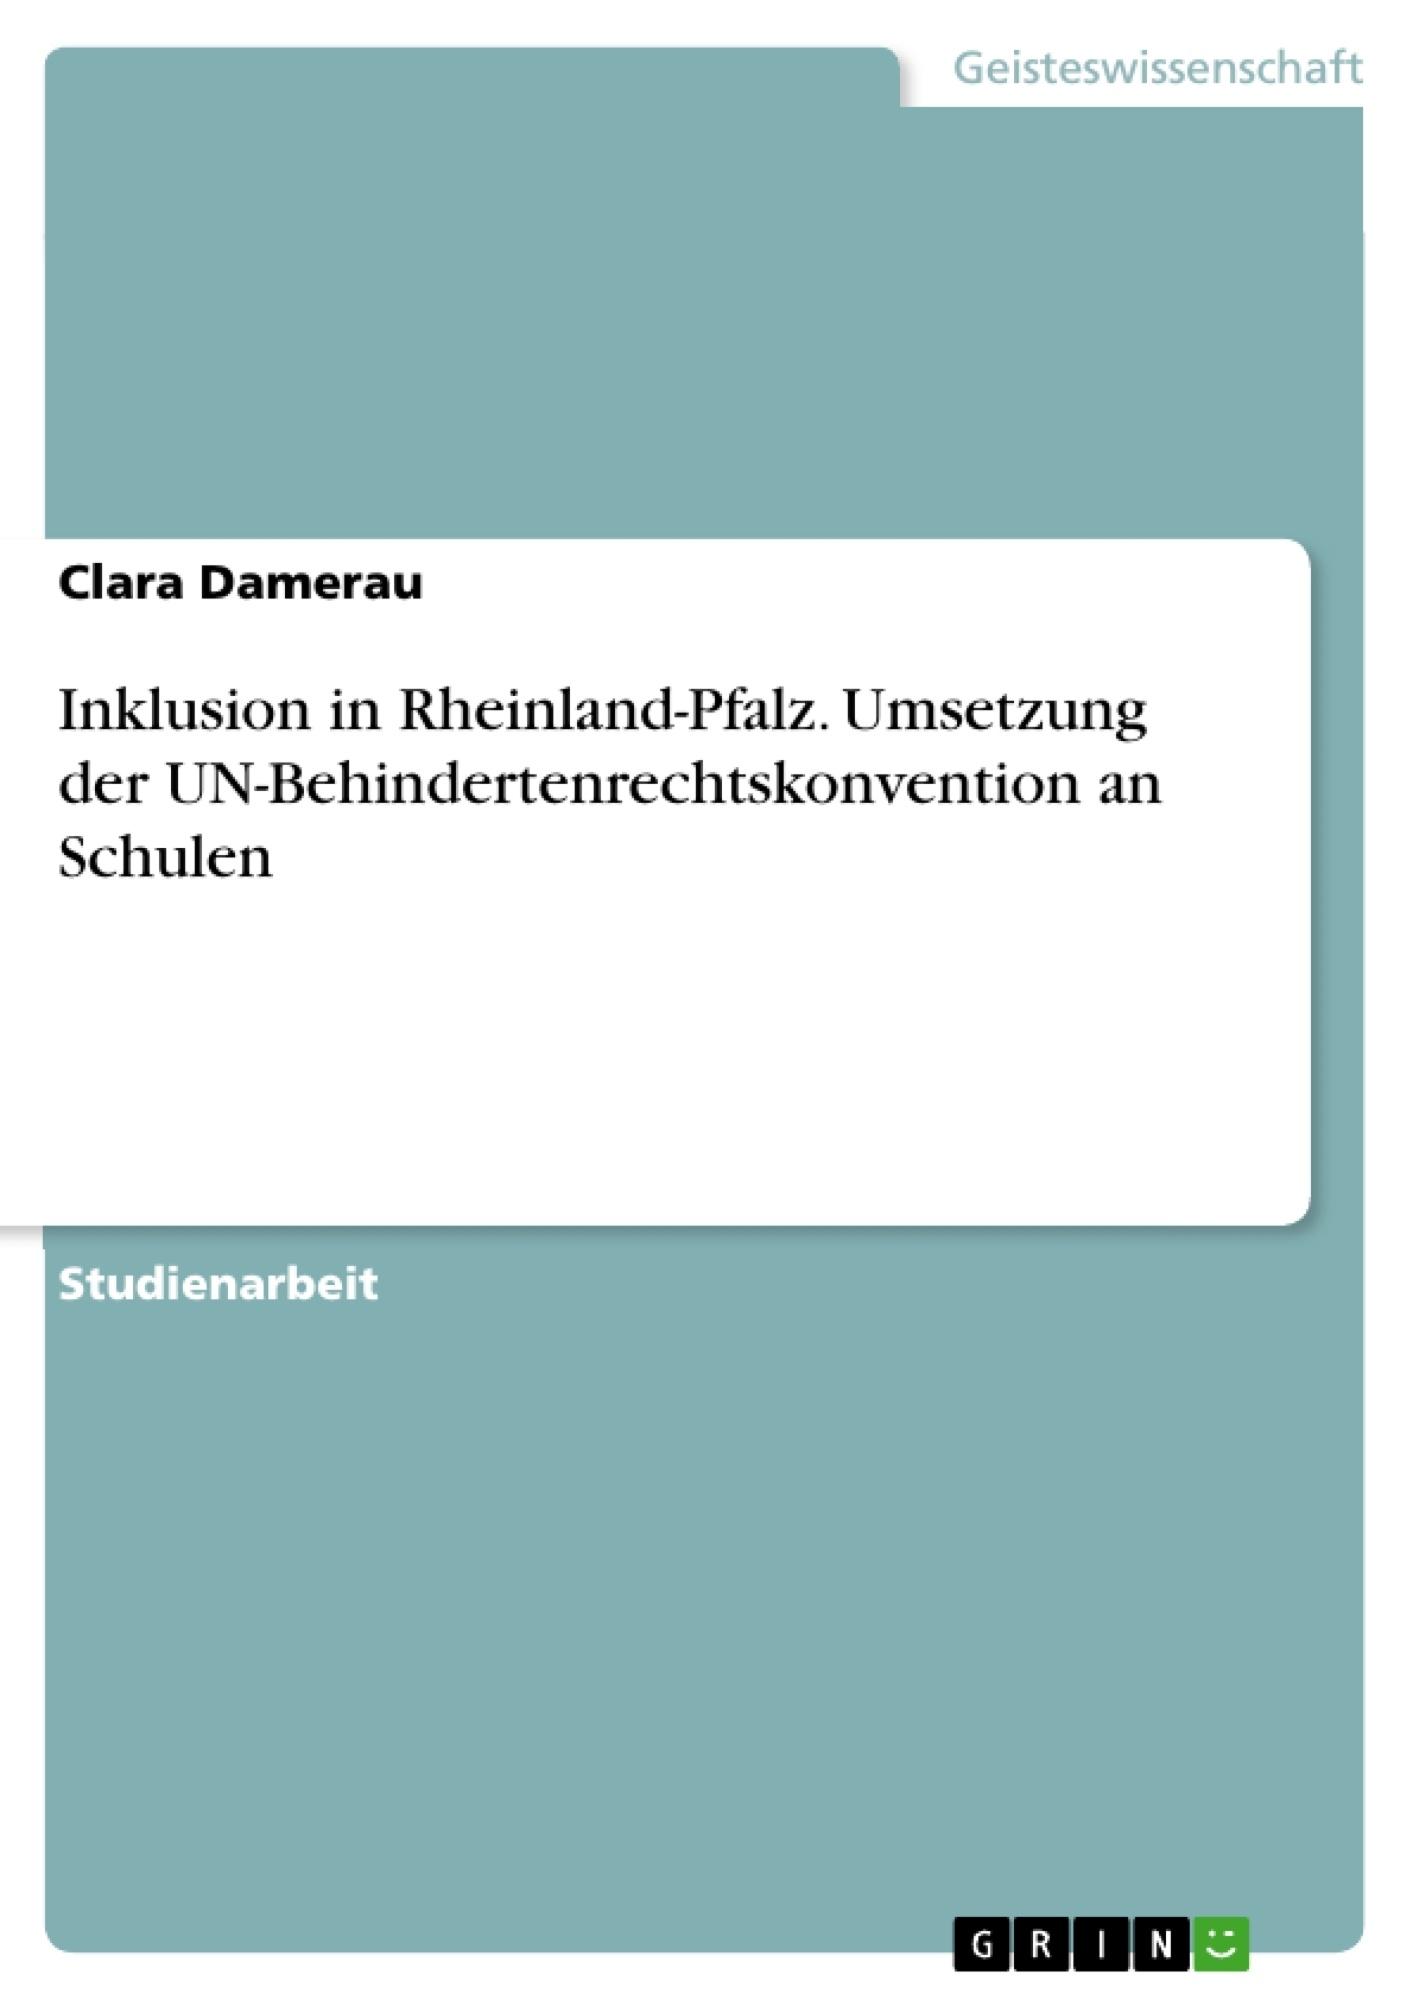 Titel: Inklusion in Rheinland-Pfalz. Umsetzung der UN-Behindertenrechtskonvention an Schulen